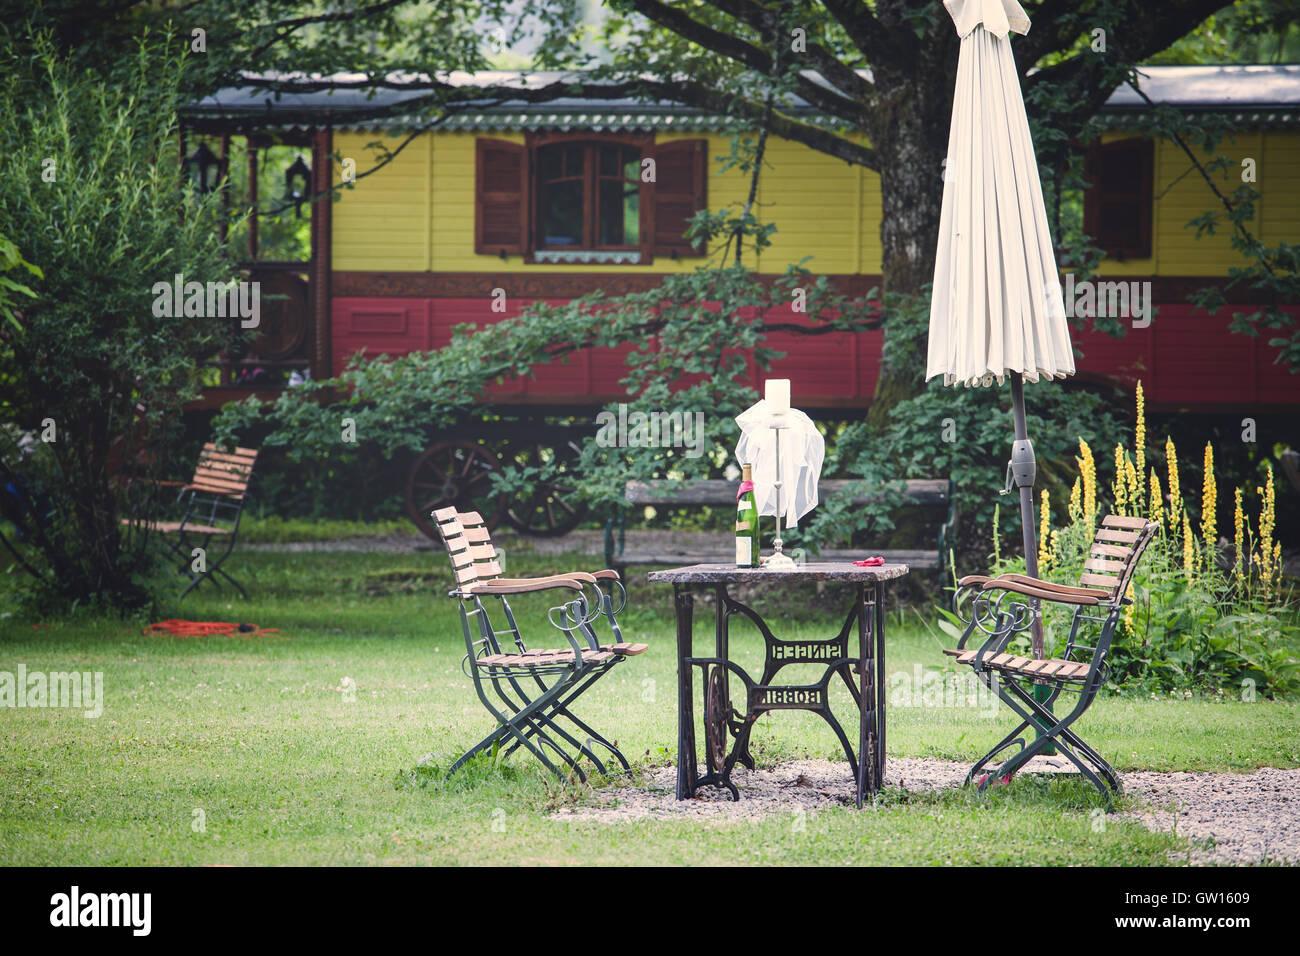 Garden Table Chairs On Lawn Stockfotos & Garden Table Chairs On Lawn ...